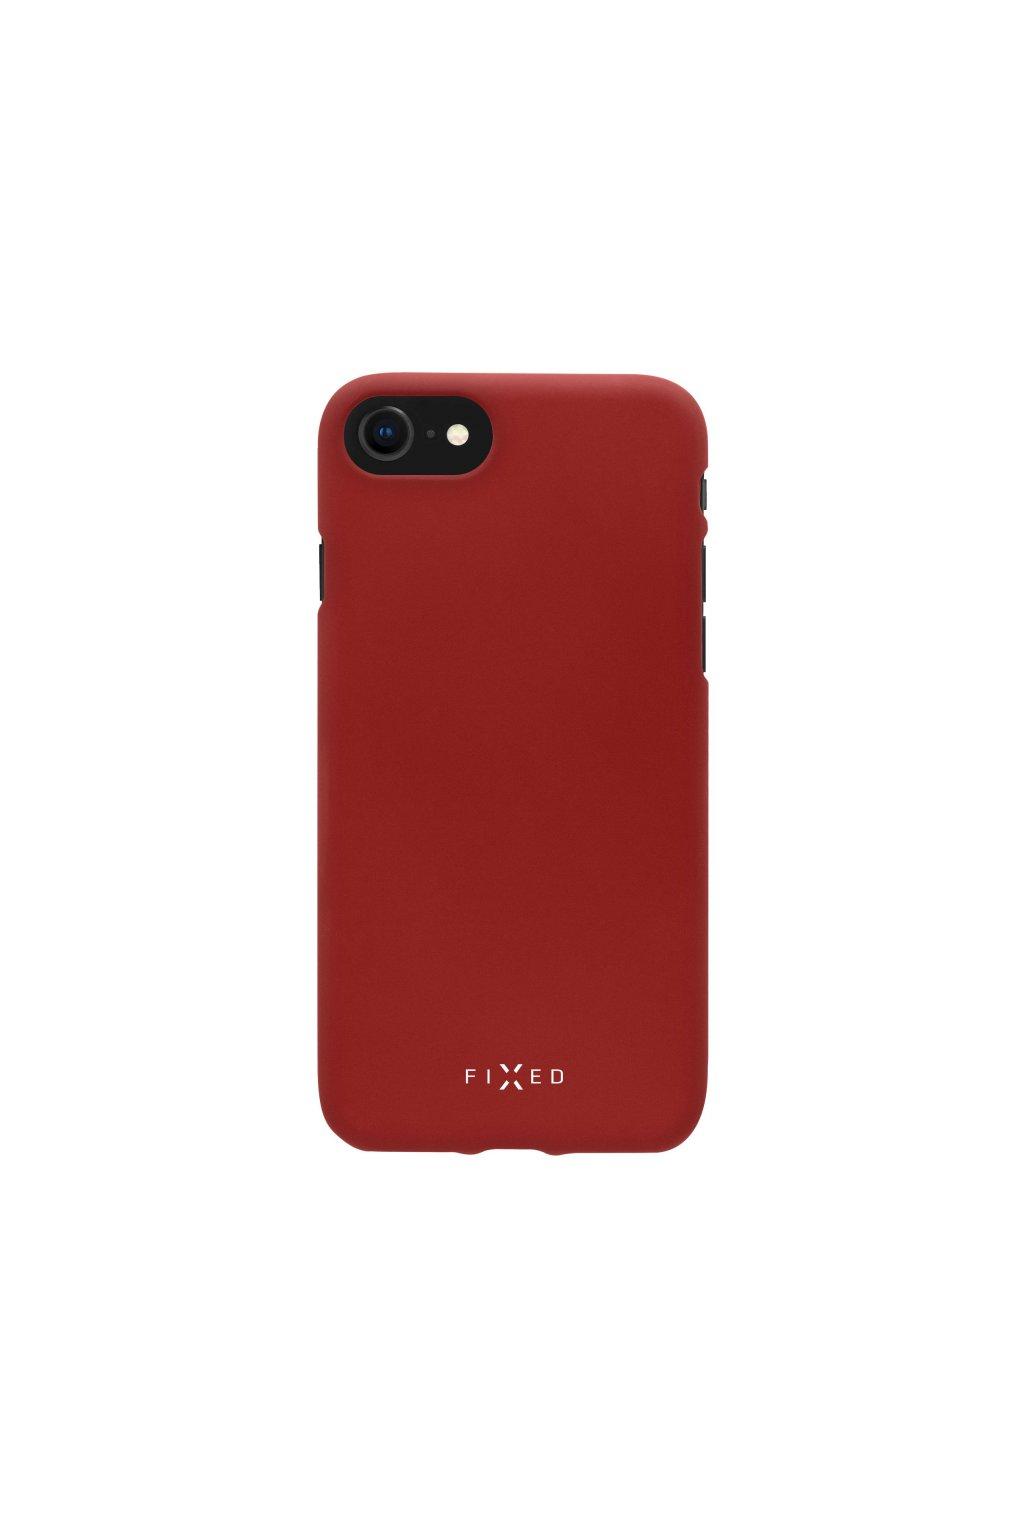 2936 fixed iphone 7 case vinovy